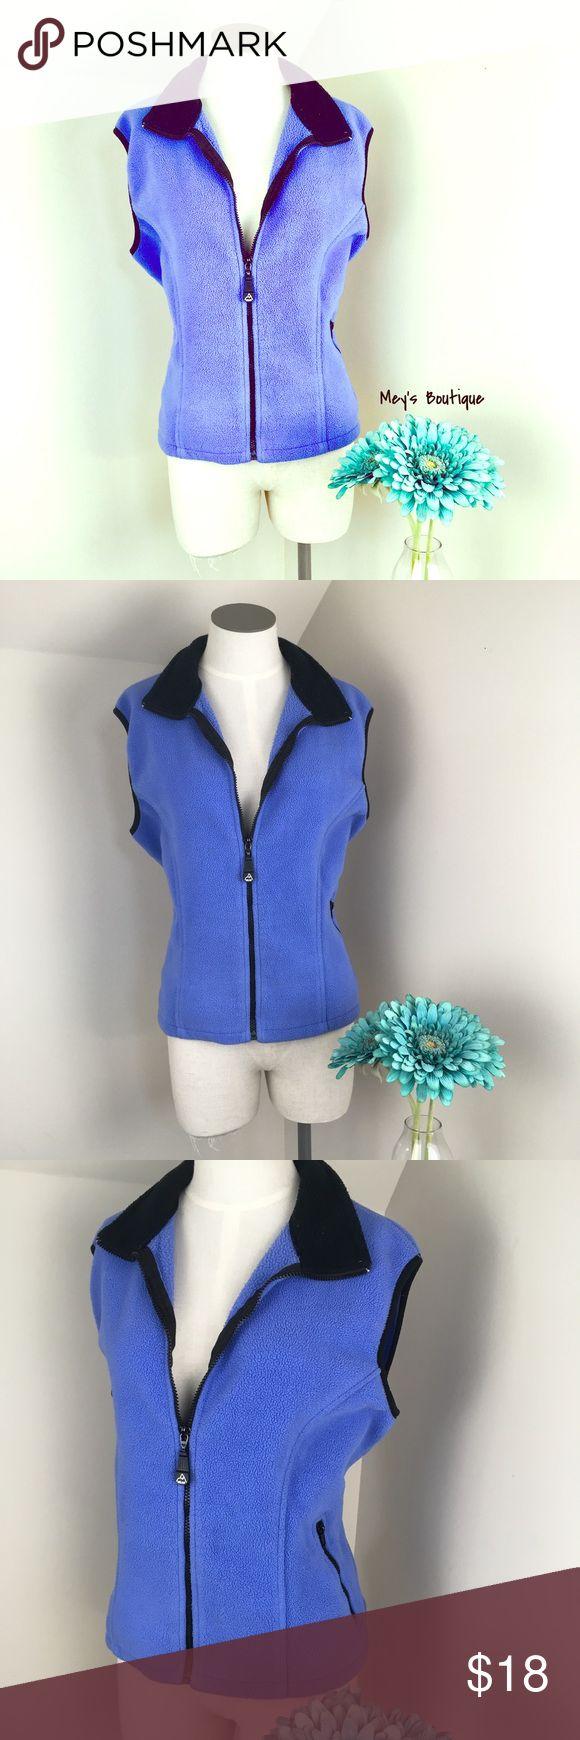 avalanche performance blue warm vest